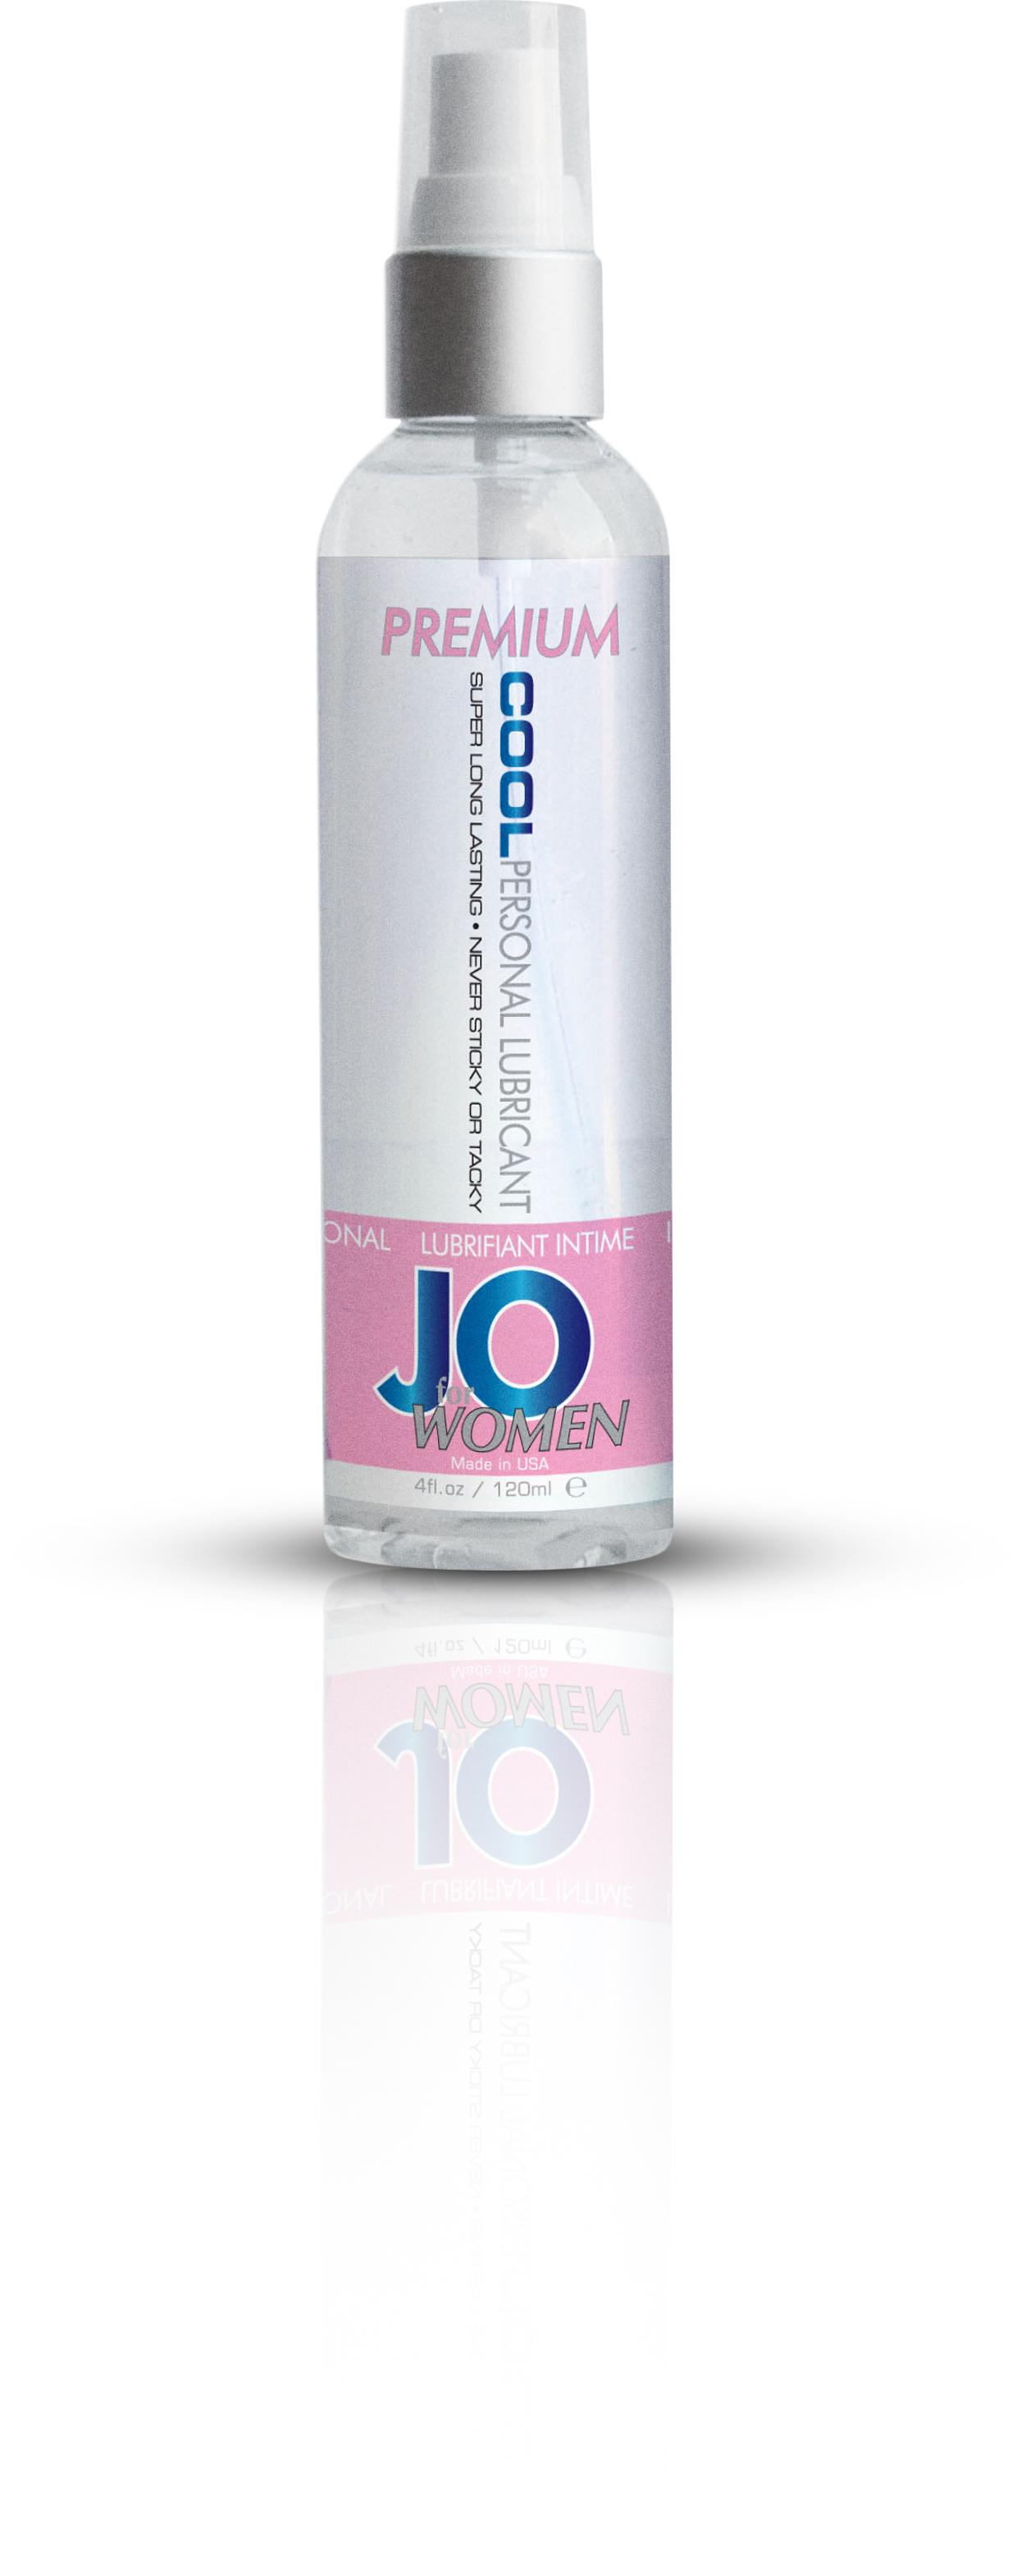 40352_JO_for_women_premium_lube_cool_4oz.jpg